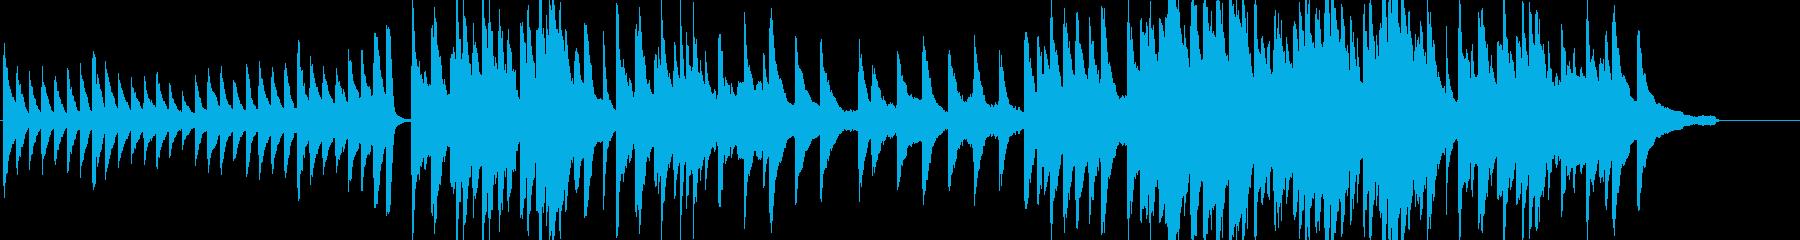 エンディング、最終回などに最適のピアノ曲の再生済みの波形